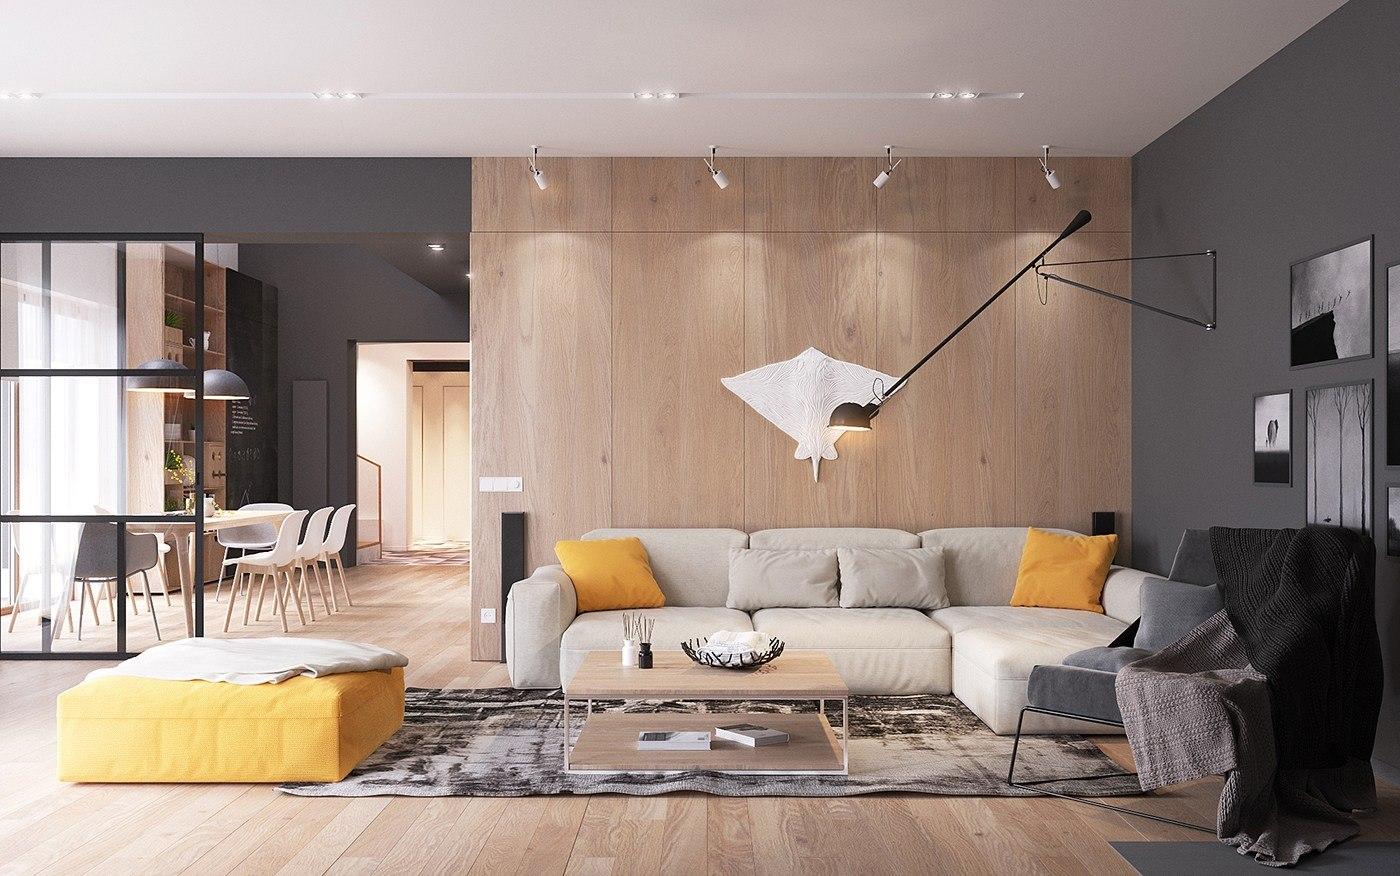 far-mobili-arredamenti-borgosesia-vercelli- blog-come-arredare-in-stile-scandinavo